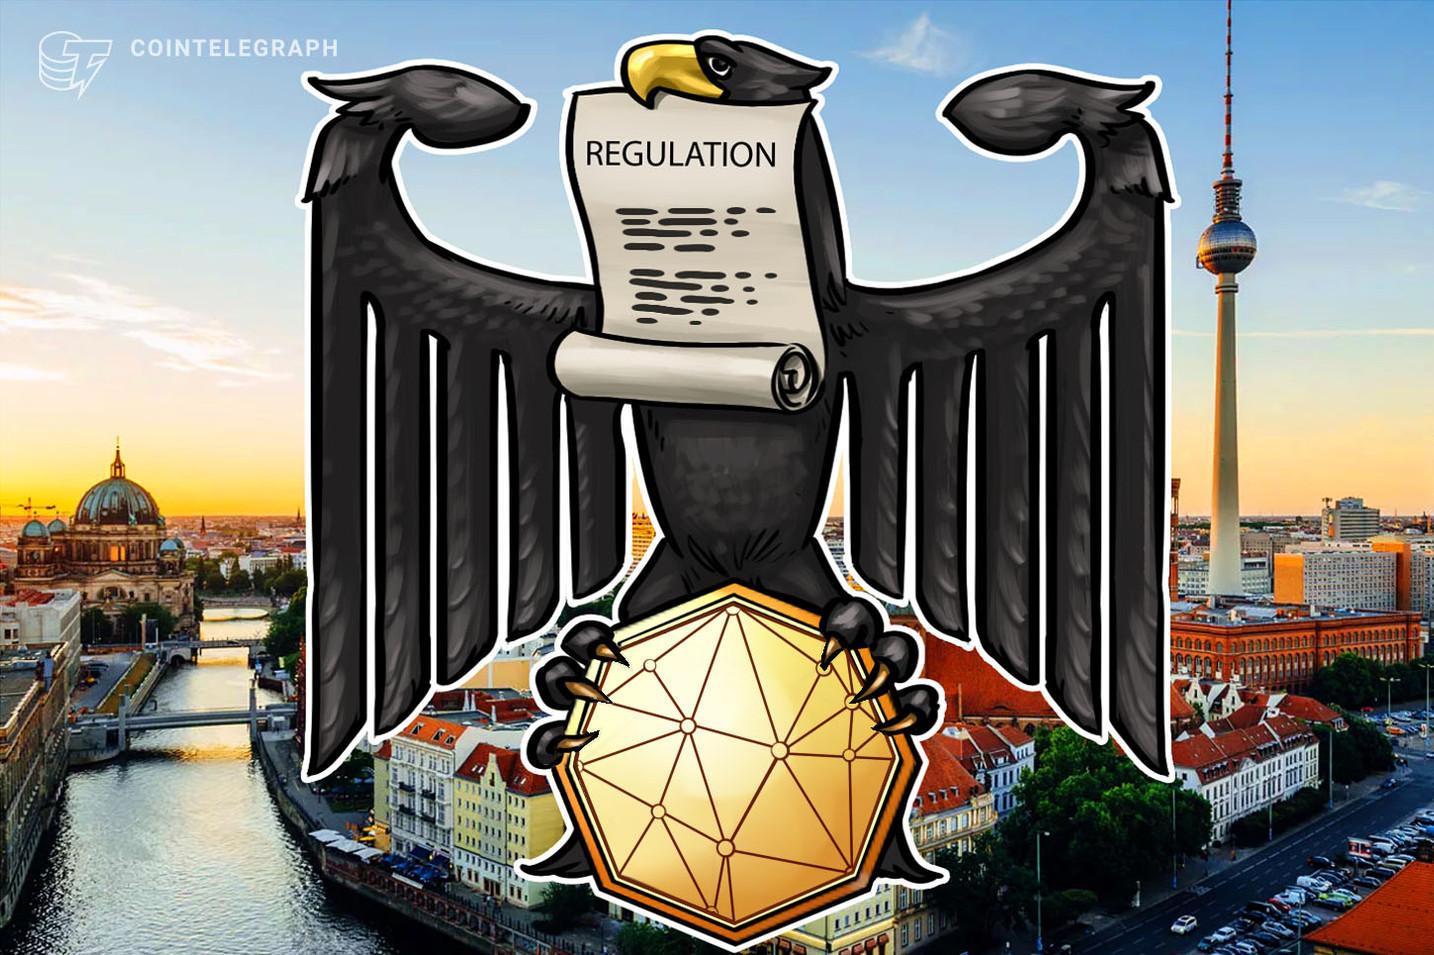 Organismo alemán de control financiero advierte al público sobre cripto-oferta no autorizada